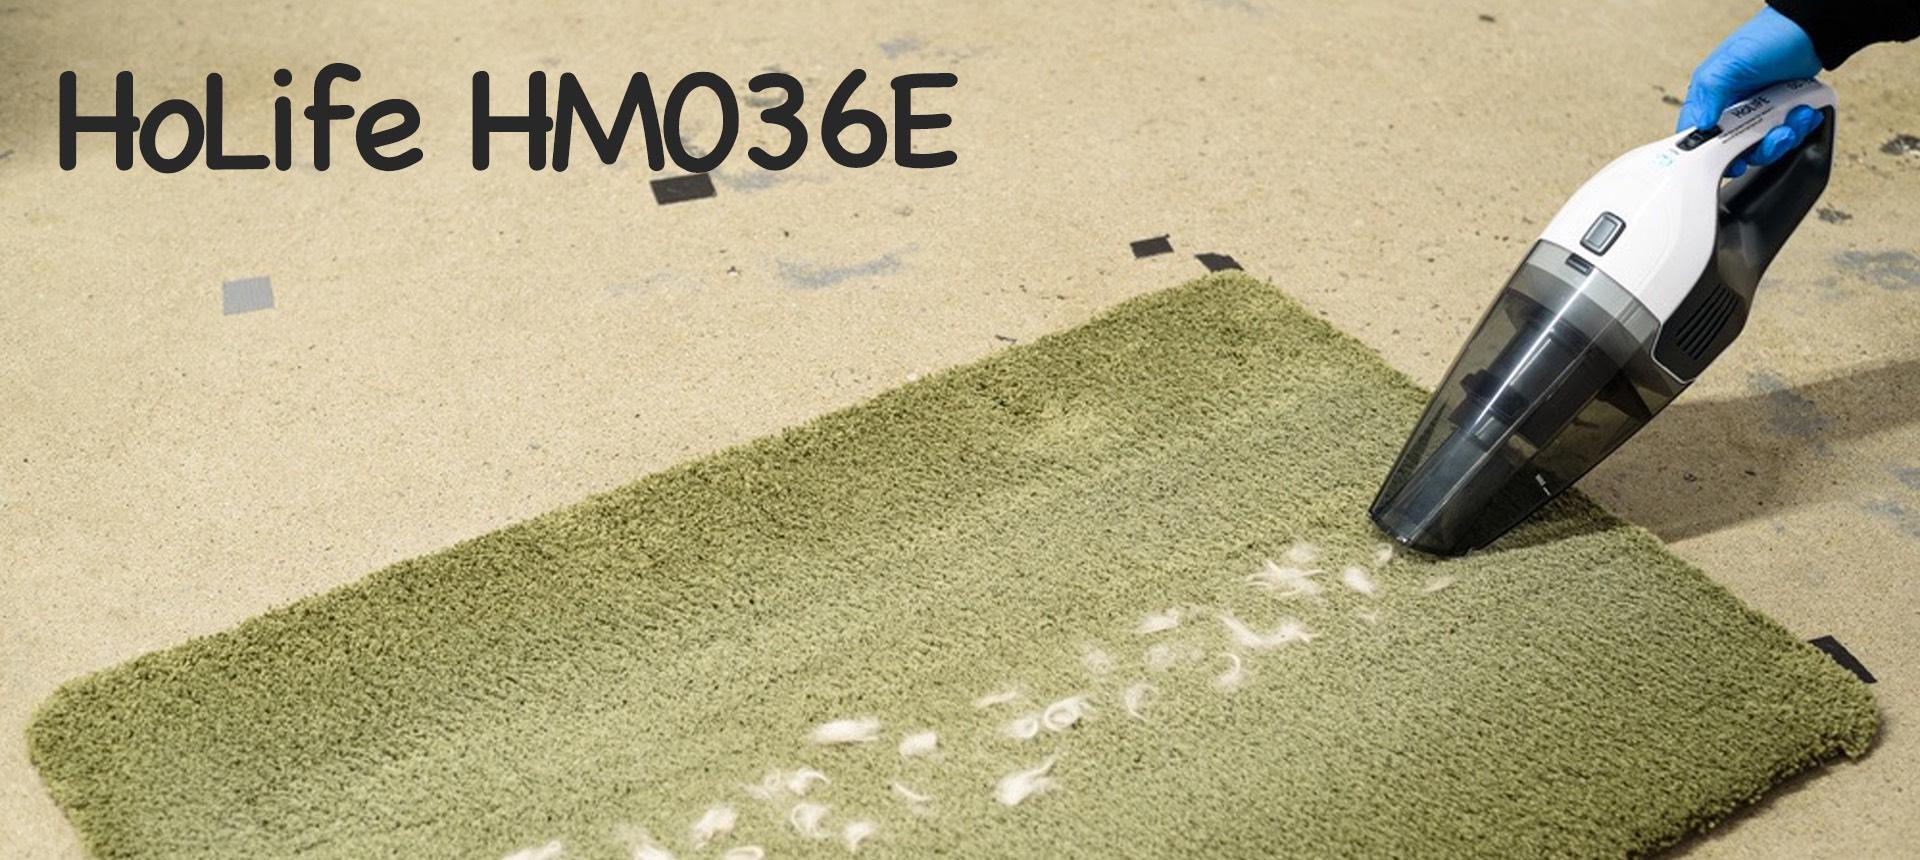 HoLife HM036E